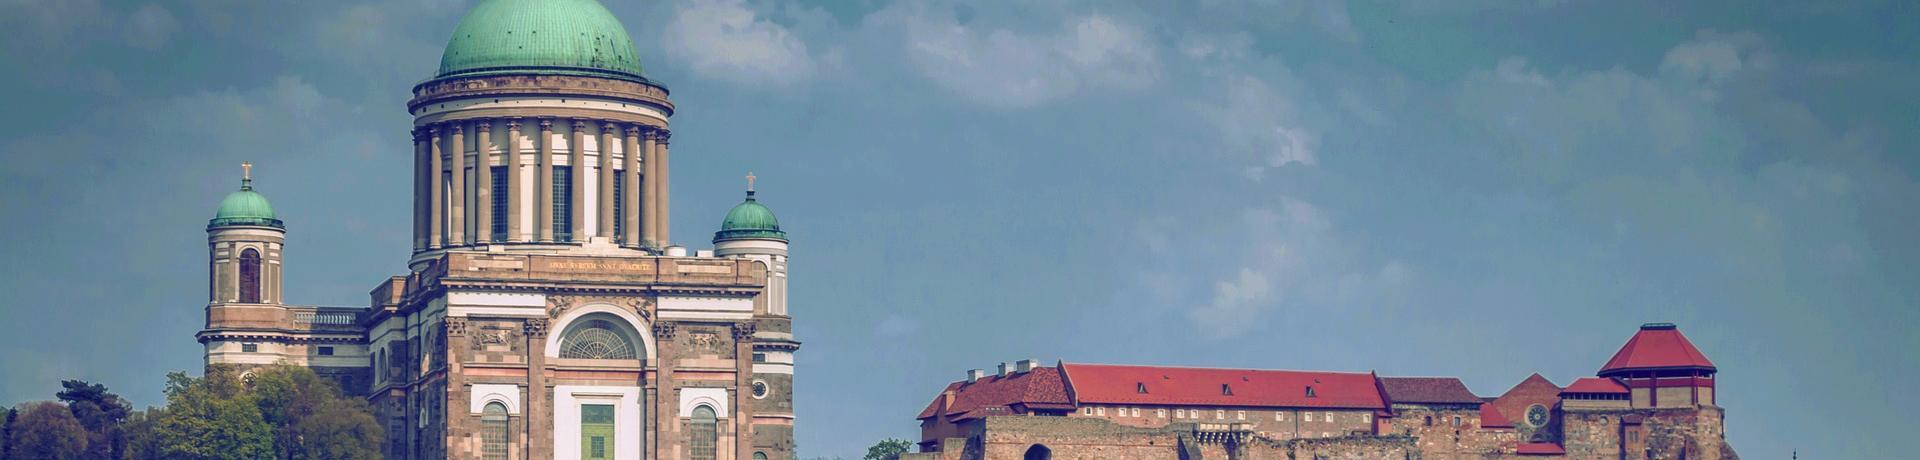 esztergom-1432433-1920.jpg